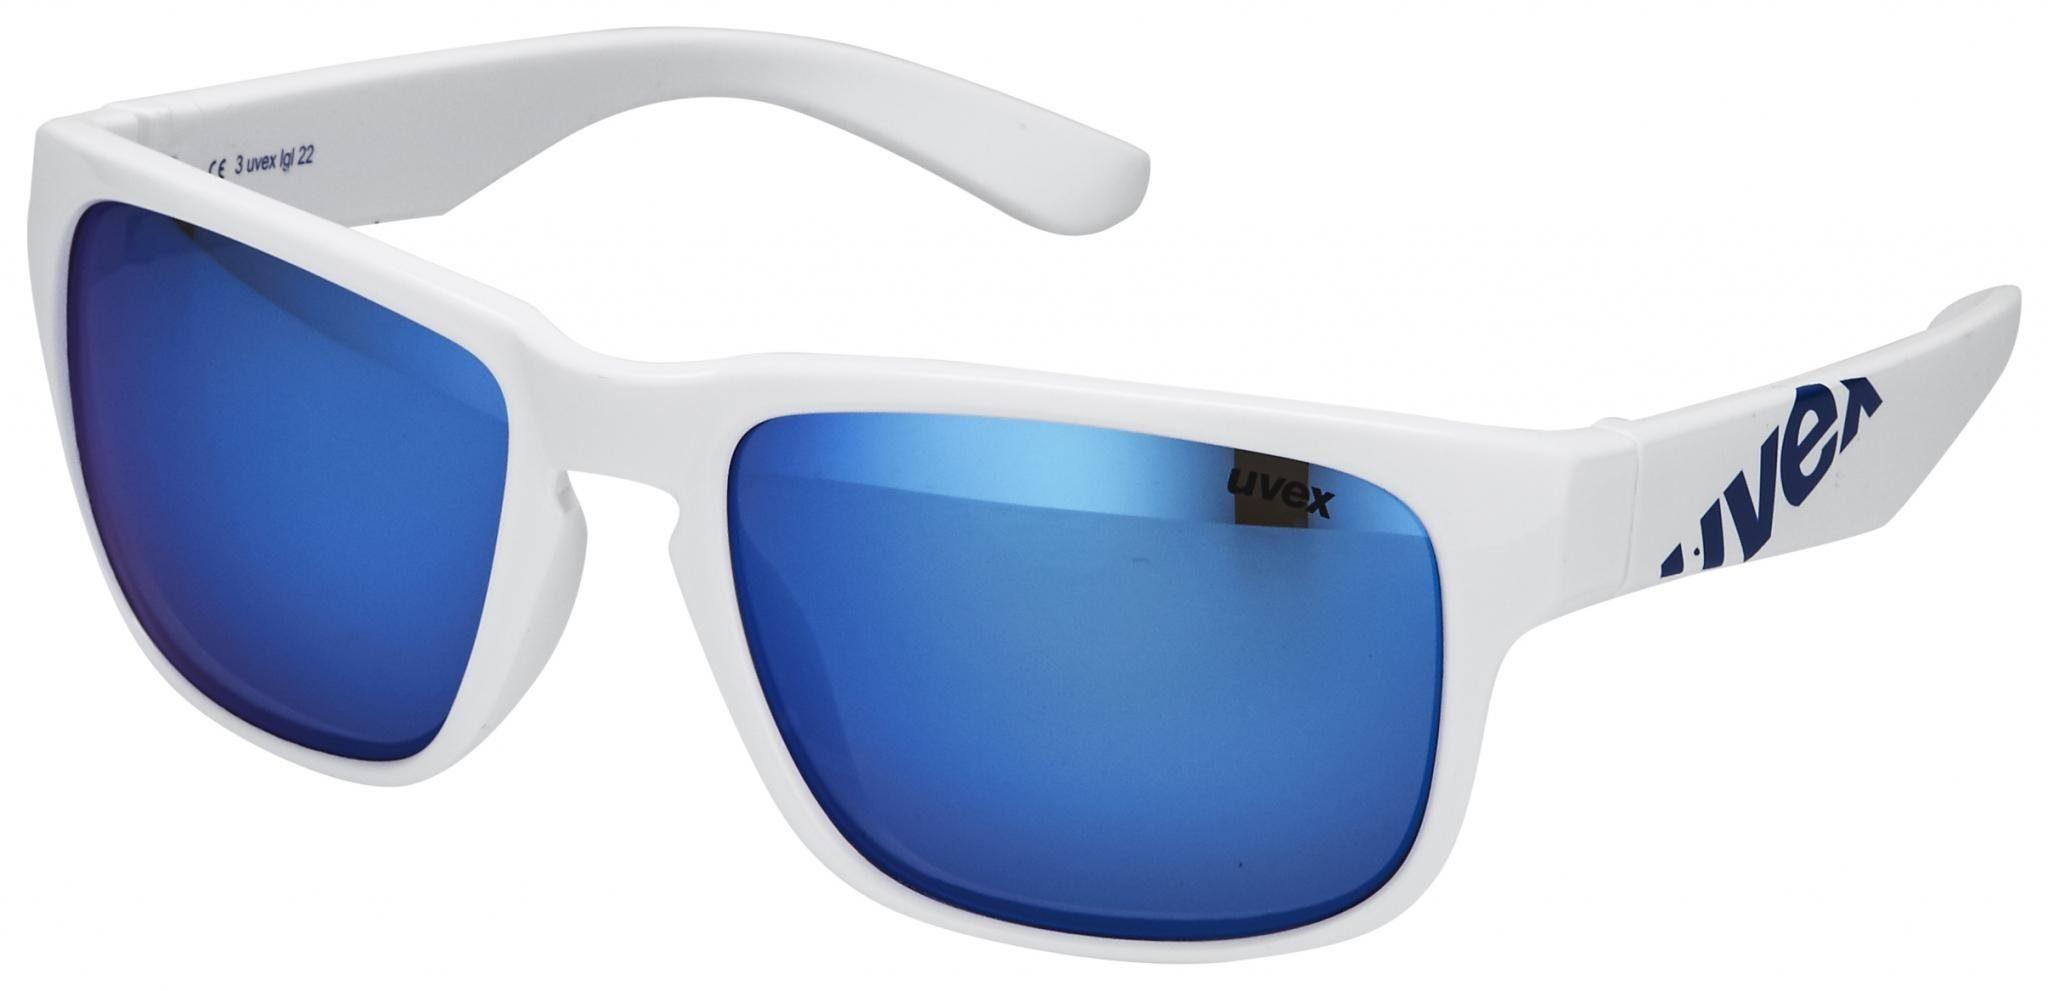 Uvex Radsportbrille »lgl 22 Brille«